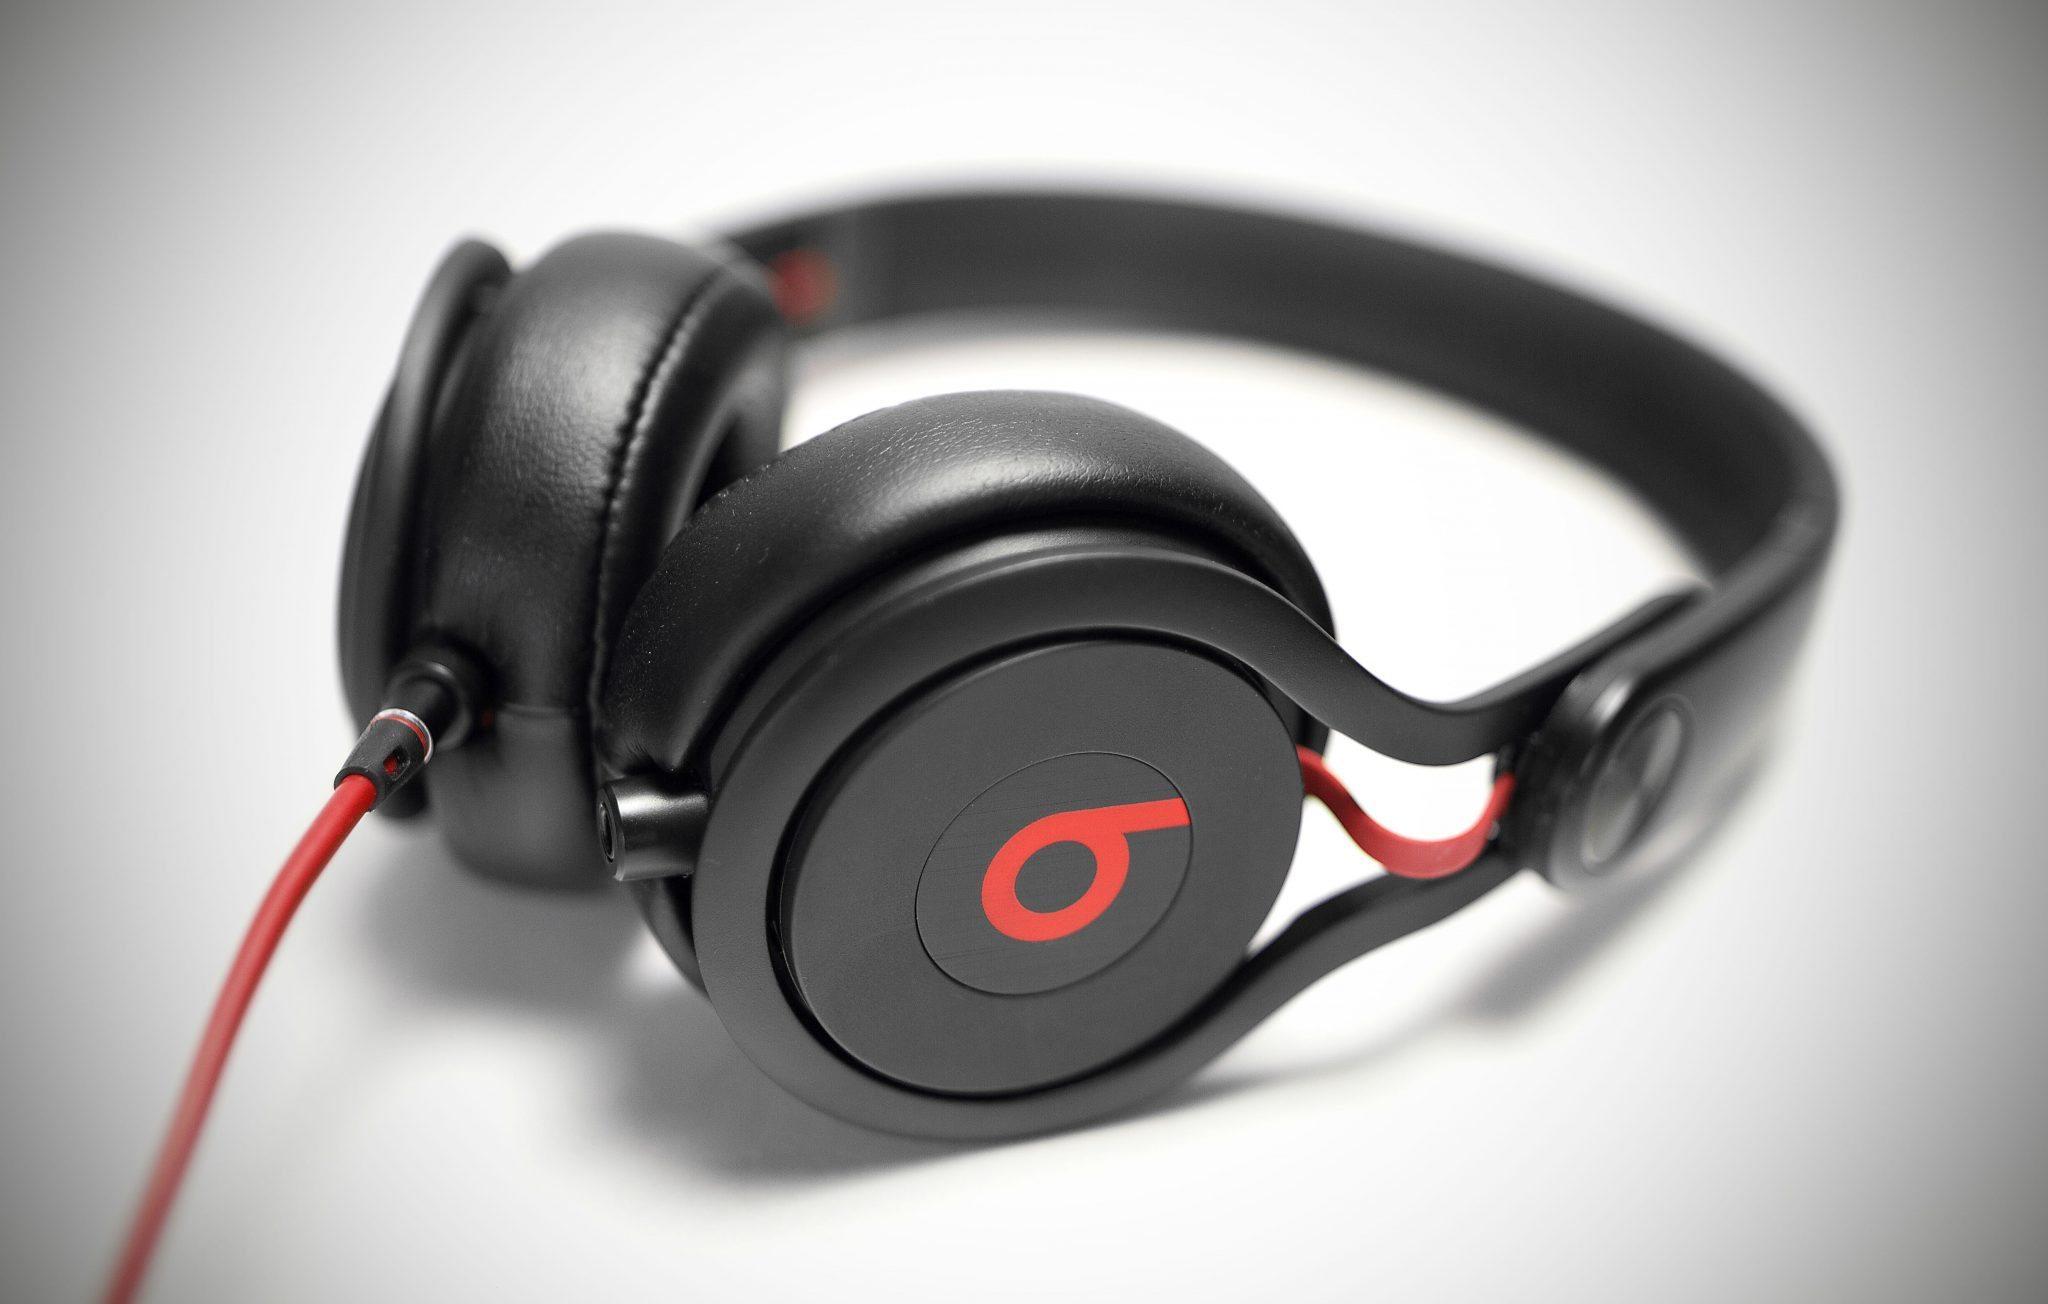 Dr Dre Wallpaper Hd Review Beats By Dre Mixr Dj Headphones Djworx